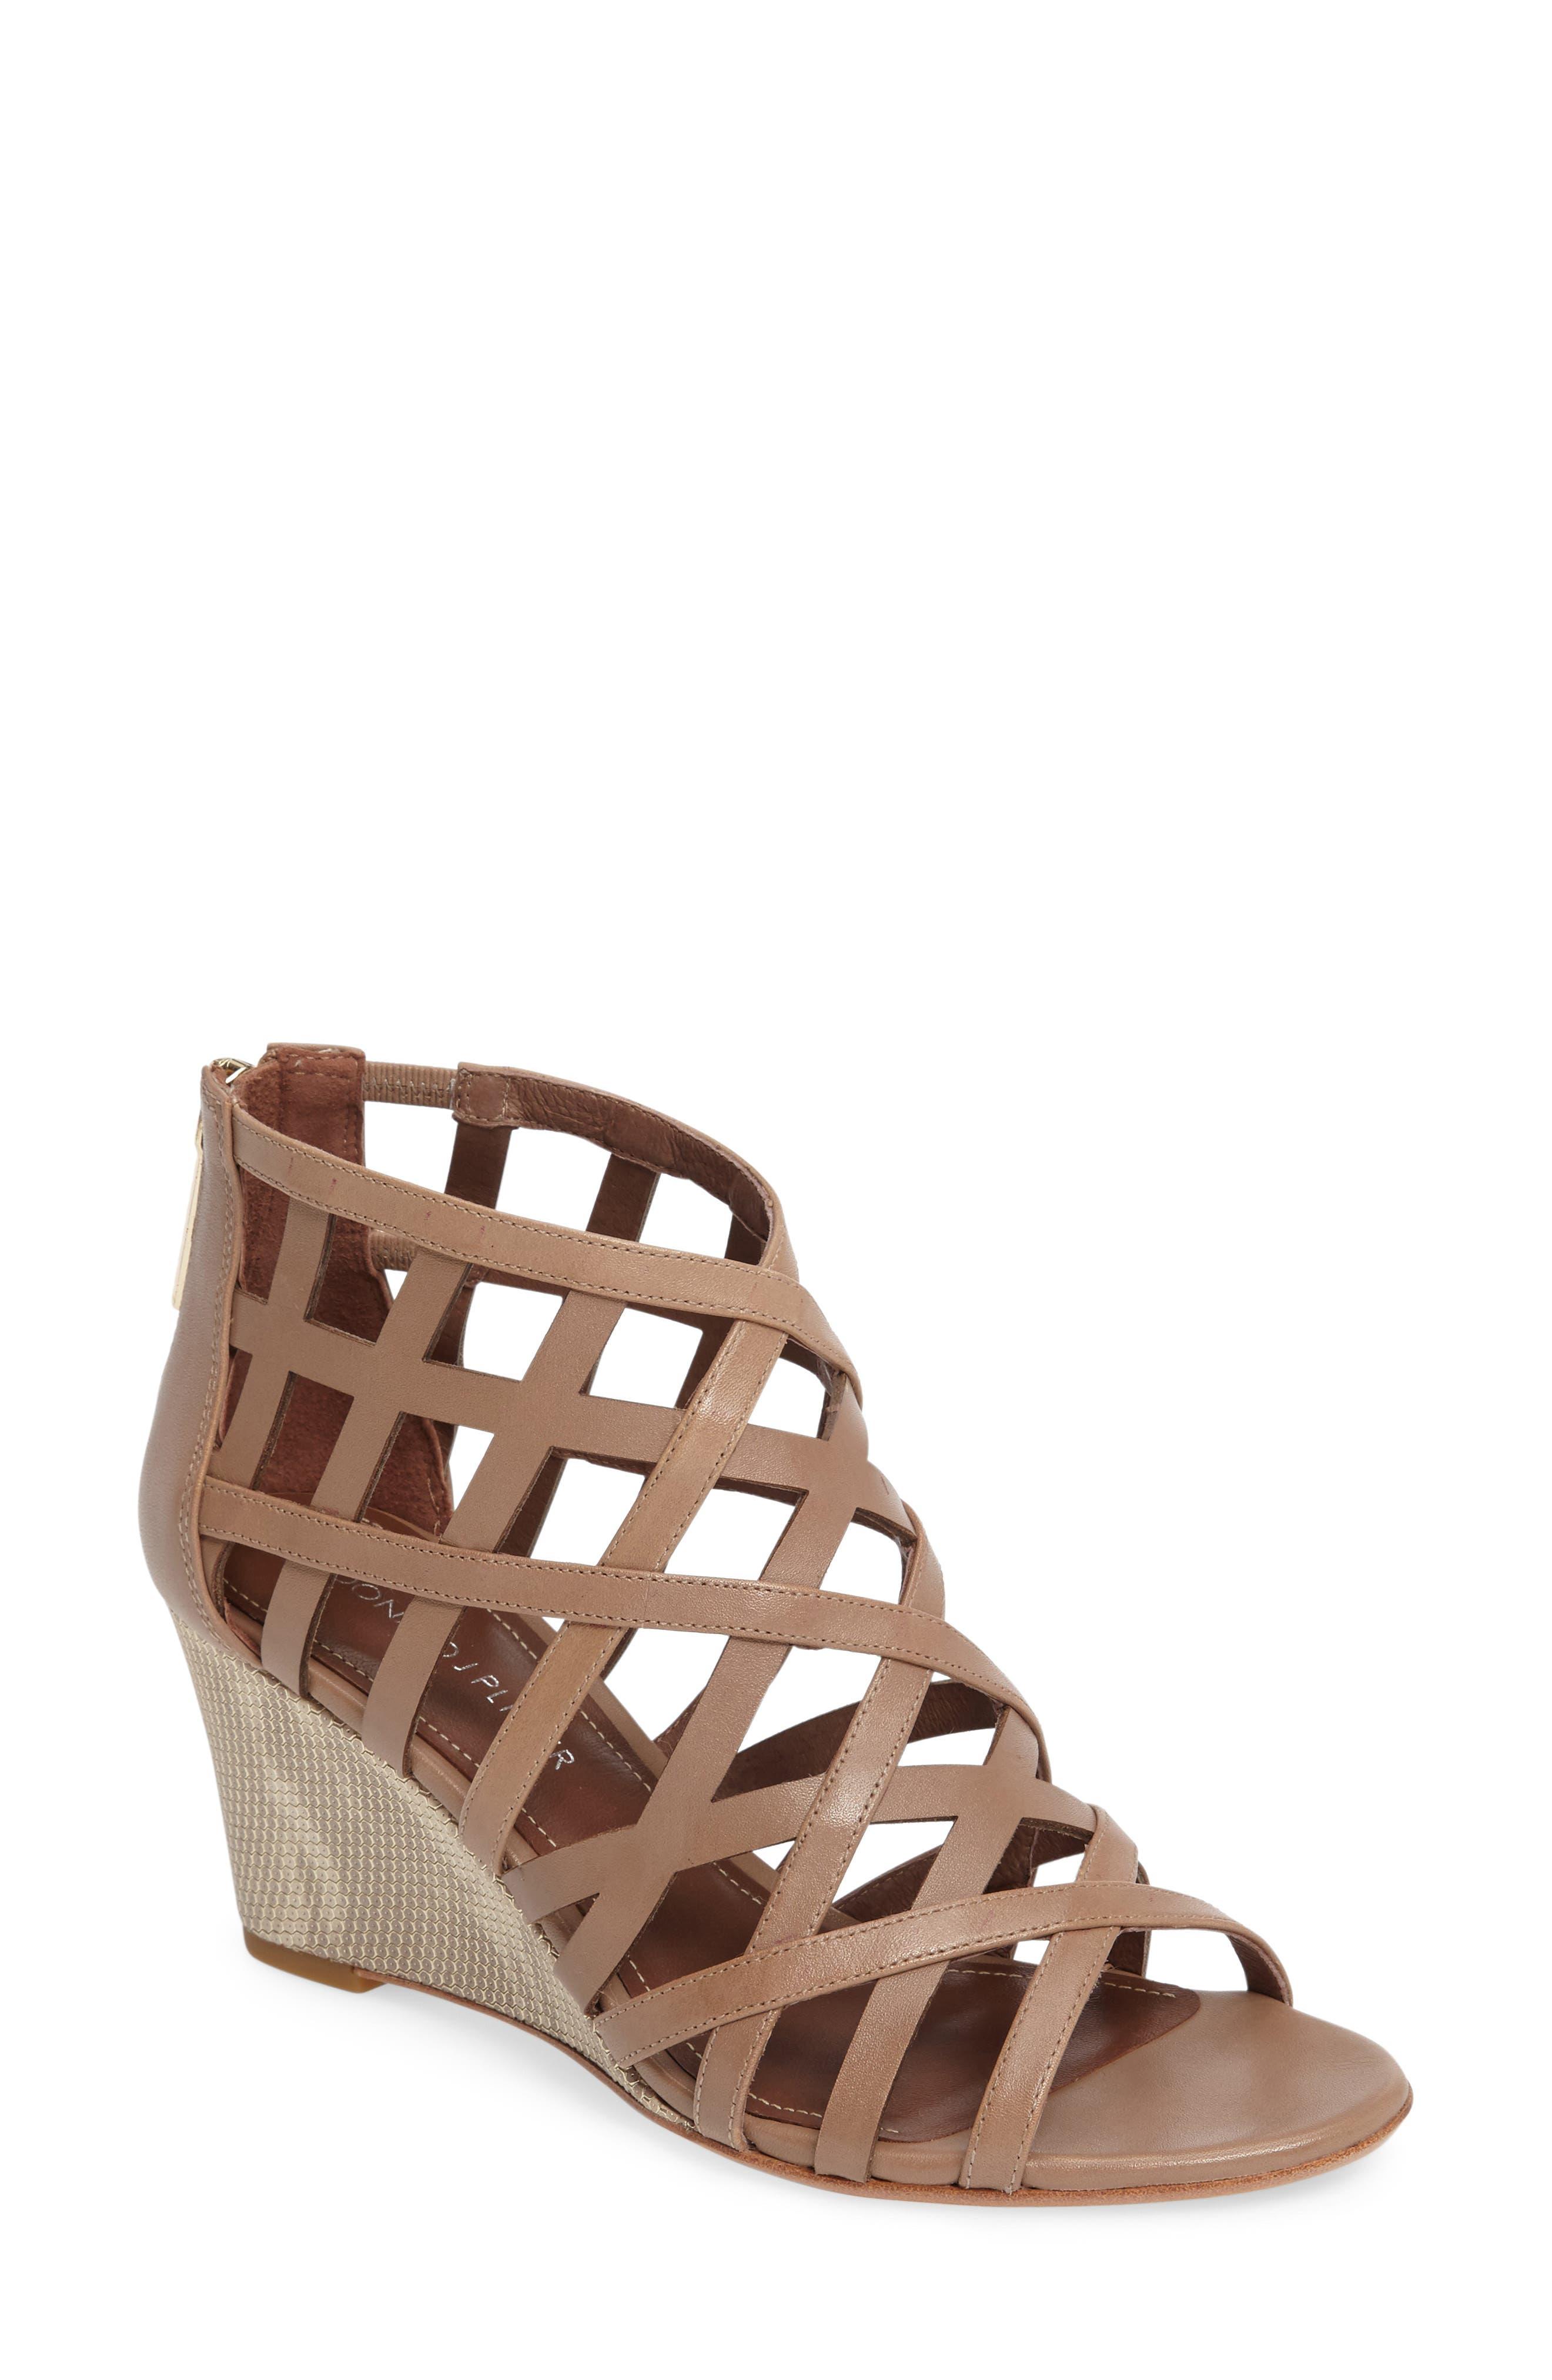 Alternate Image 1 Selected - Donald J Pliner Jordan Wedge Sandal (Women)